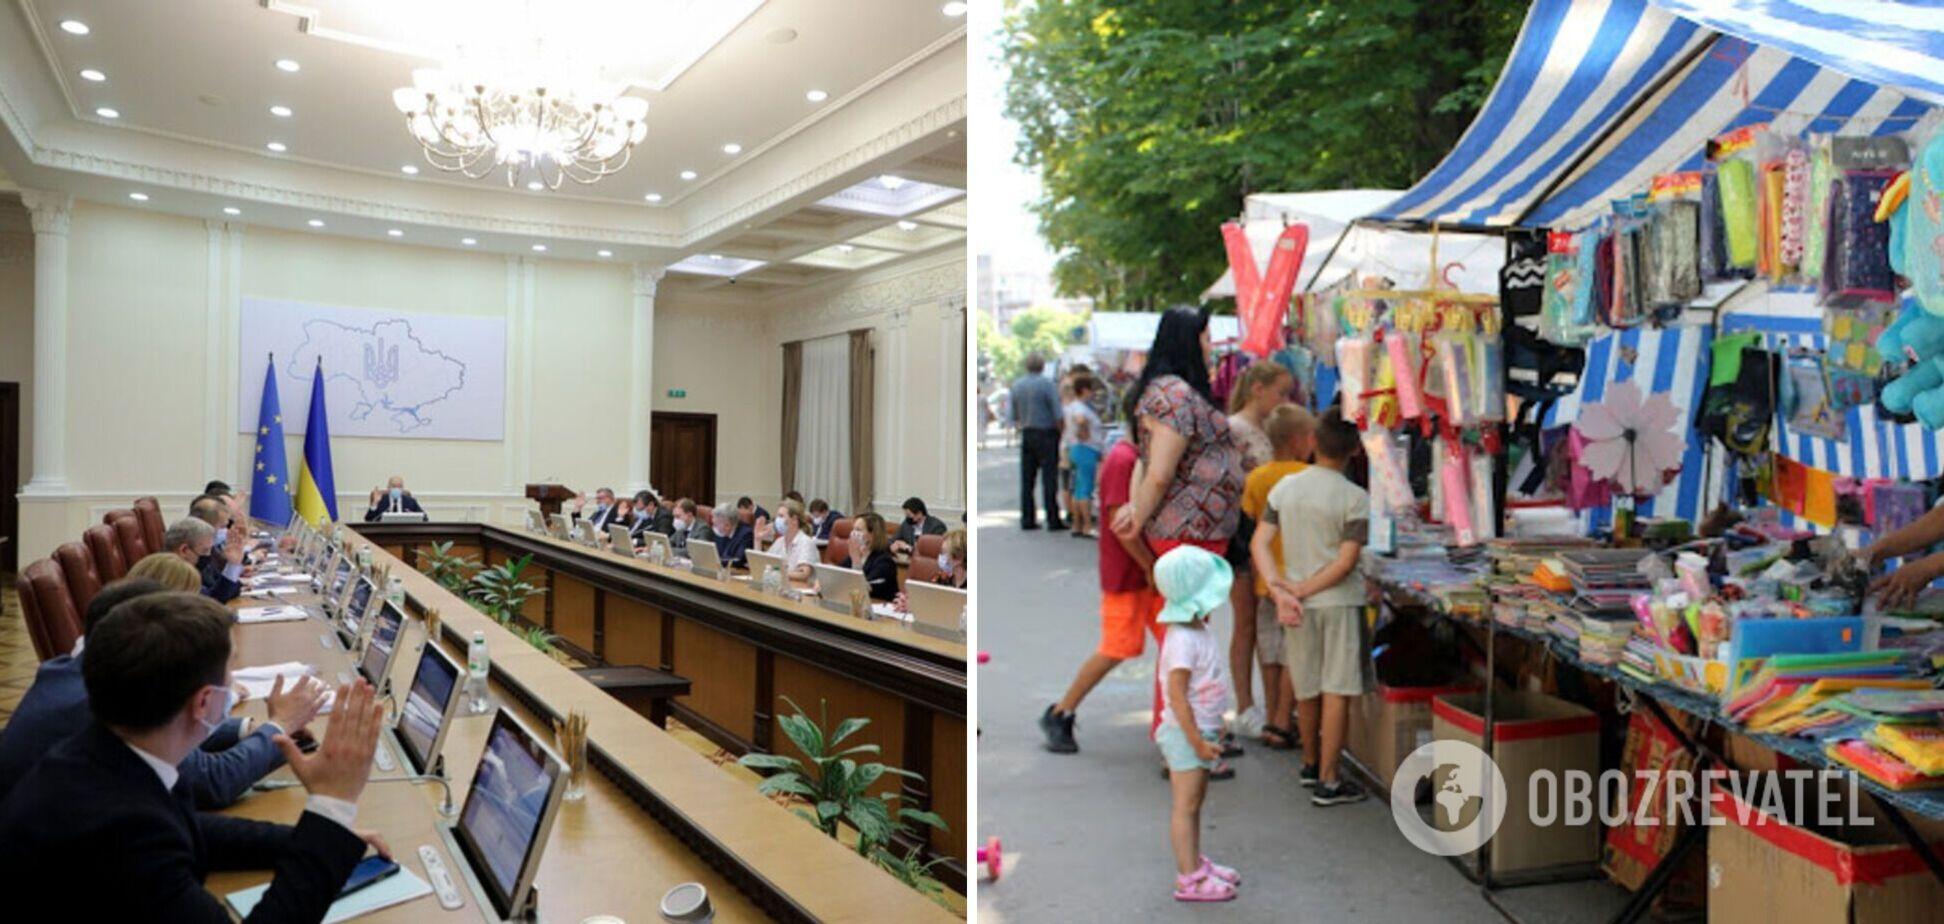 Уряд виділить деяким родинам по 2 тисячі гривень на кожну дитину до нового навчального року